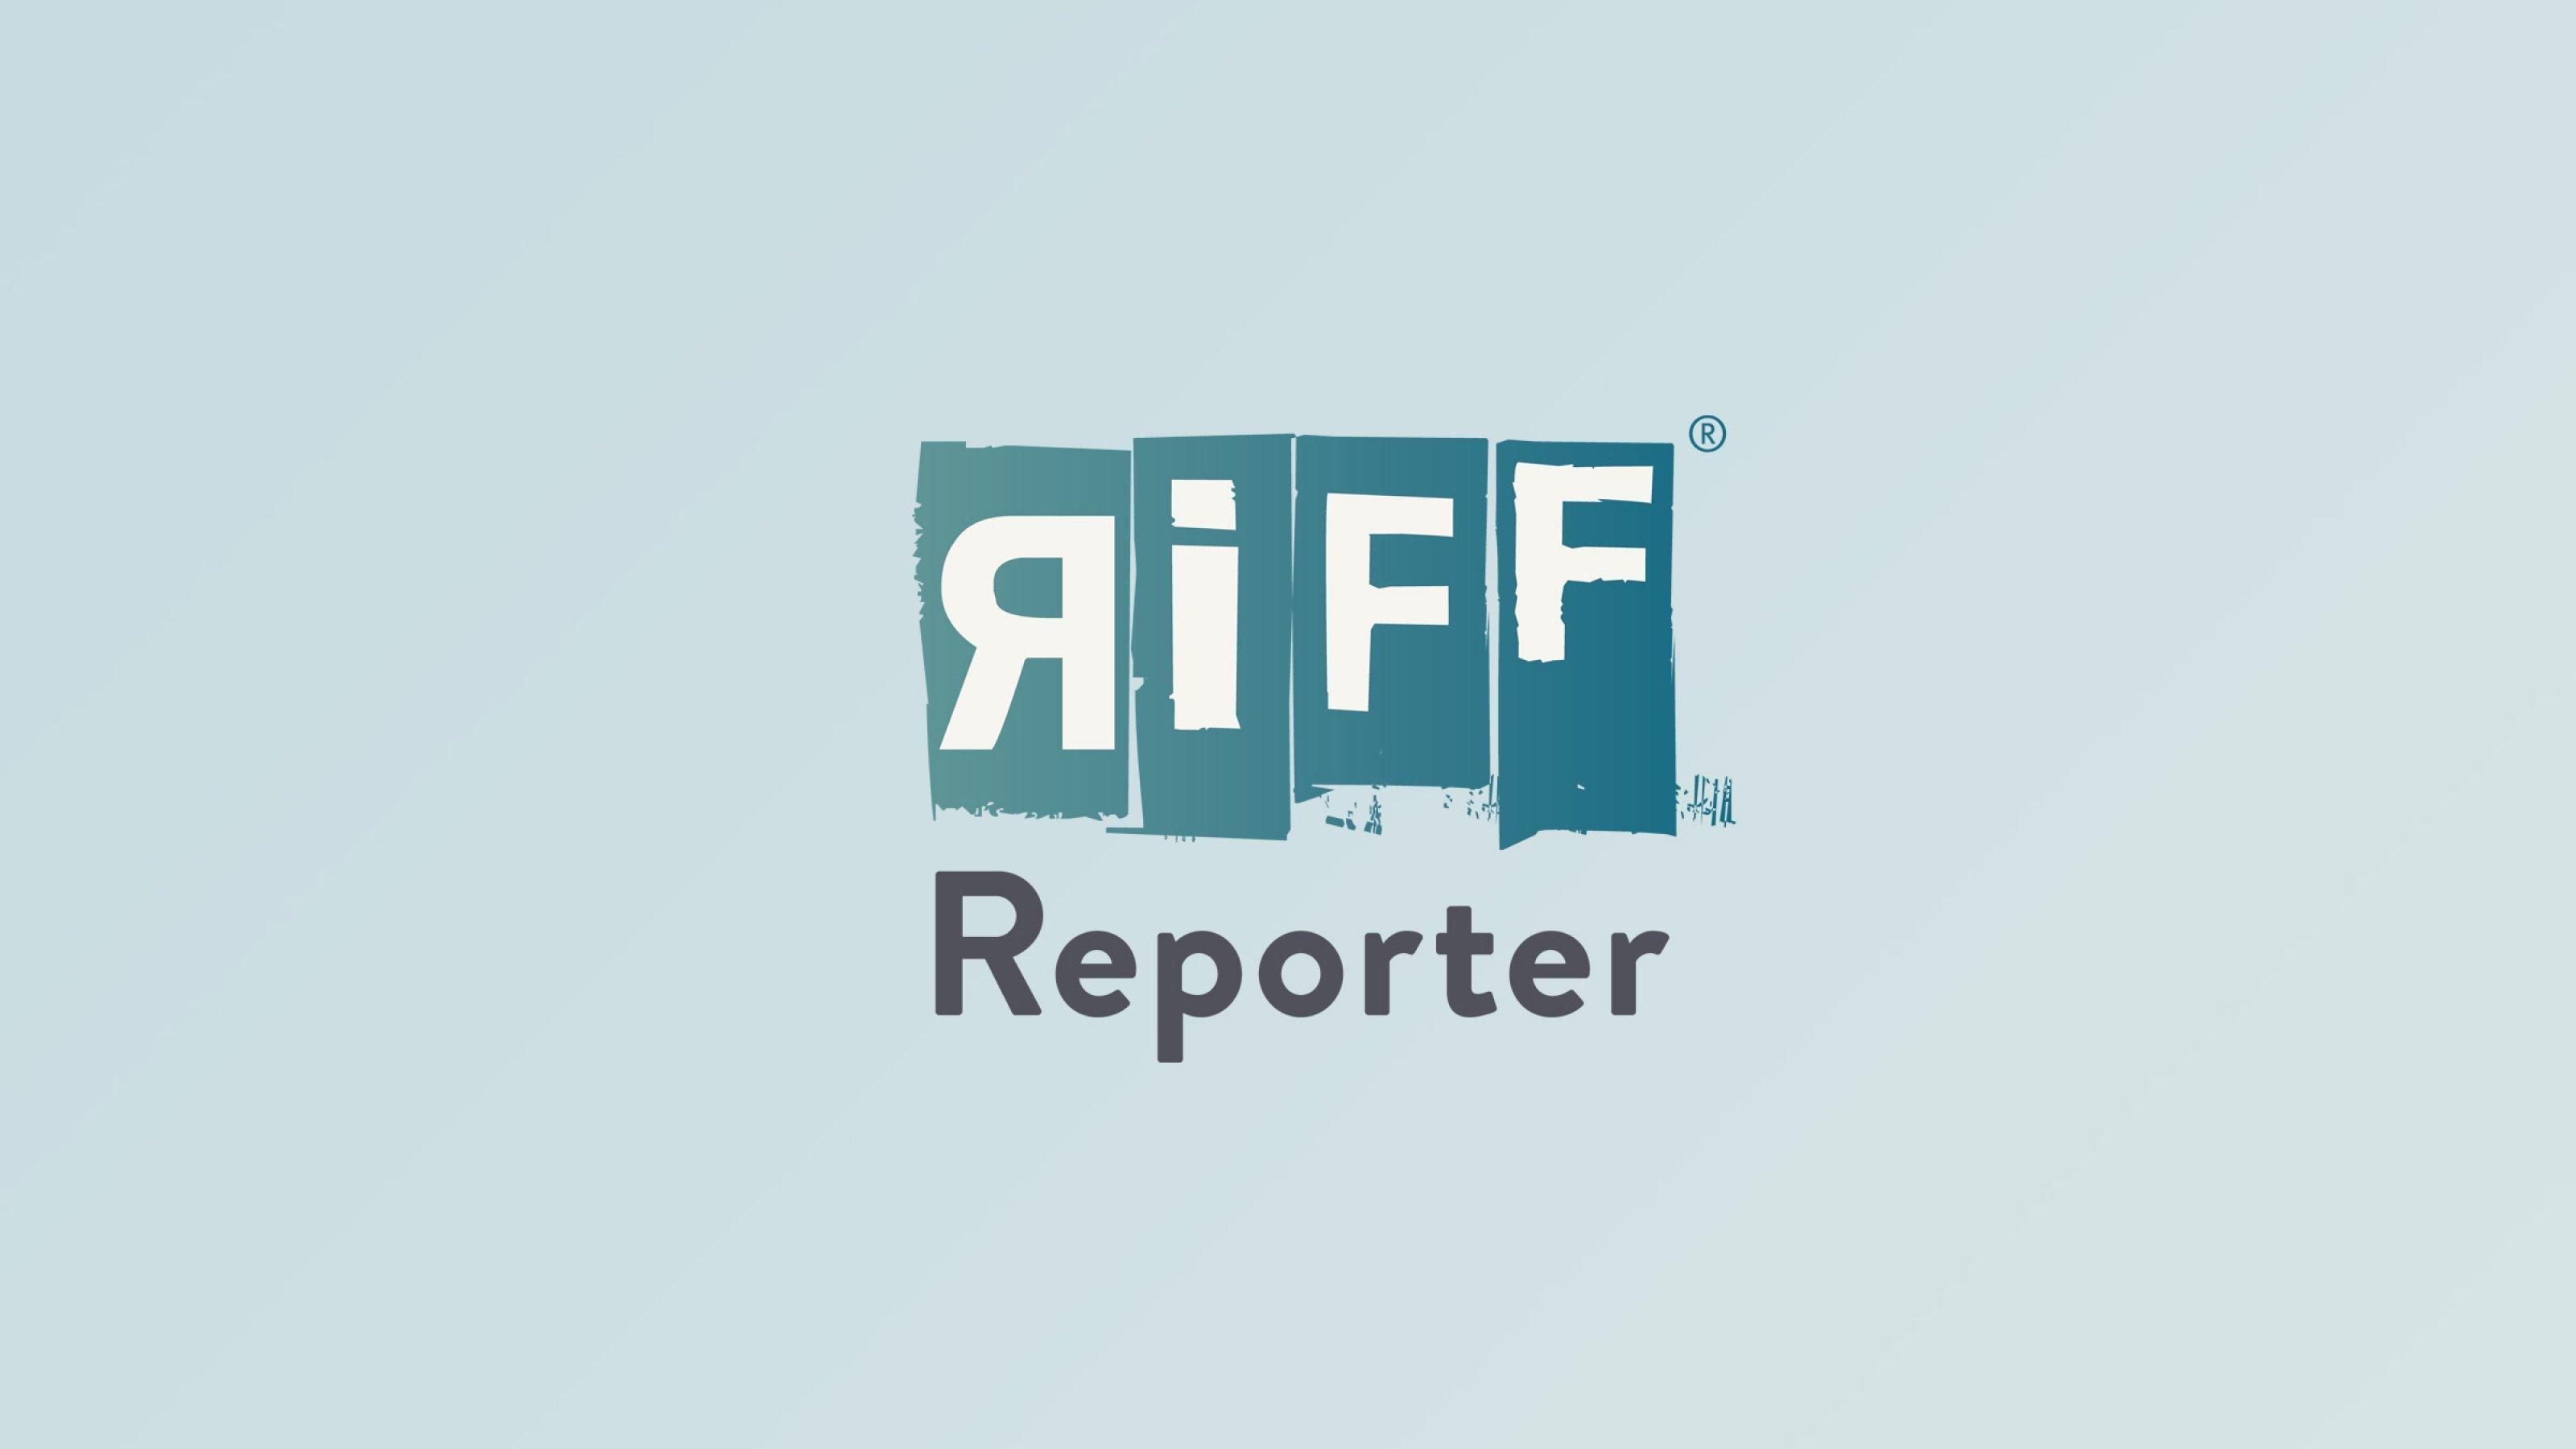 Verschiedene Frauen im Anzug im Warhol-Stil